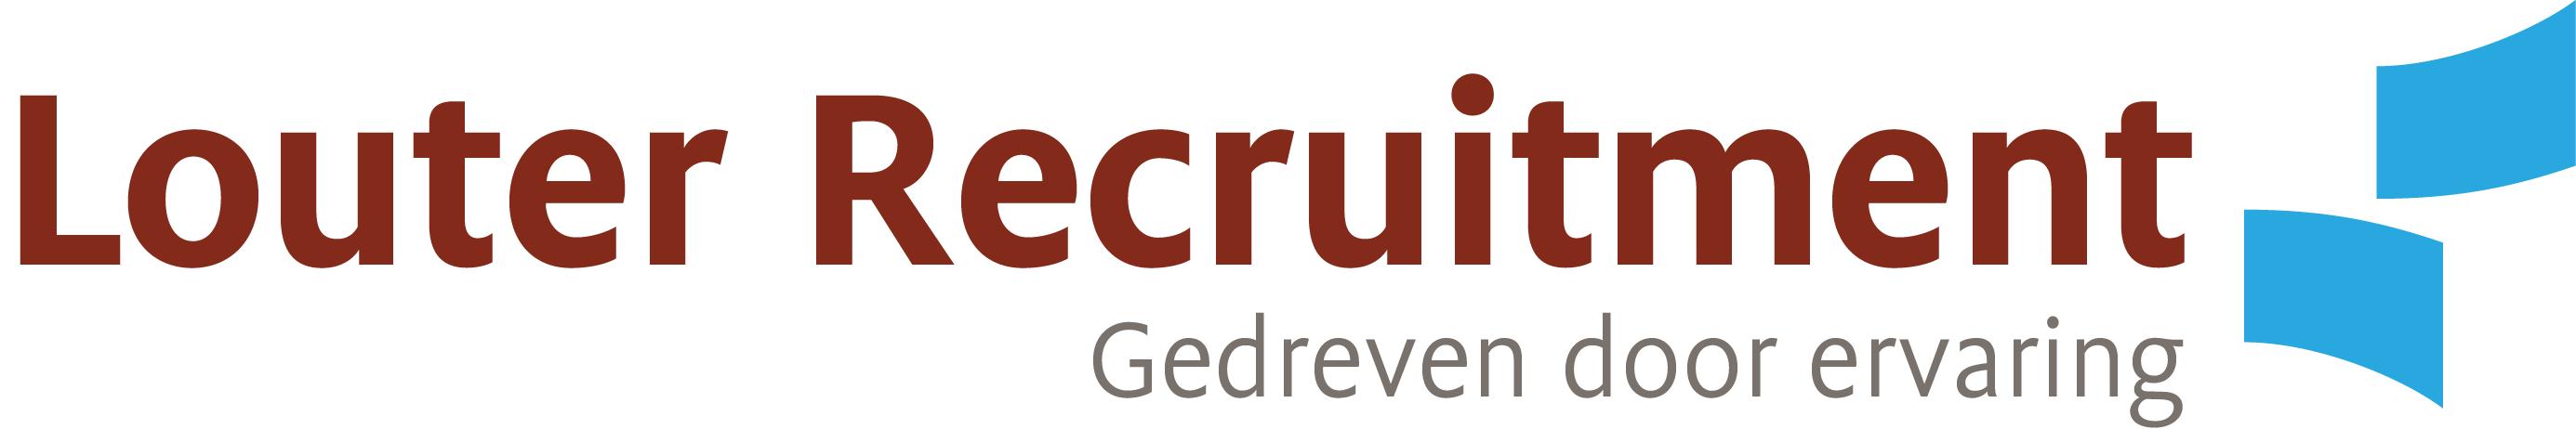 Louter Recruitment